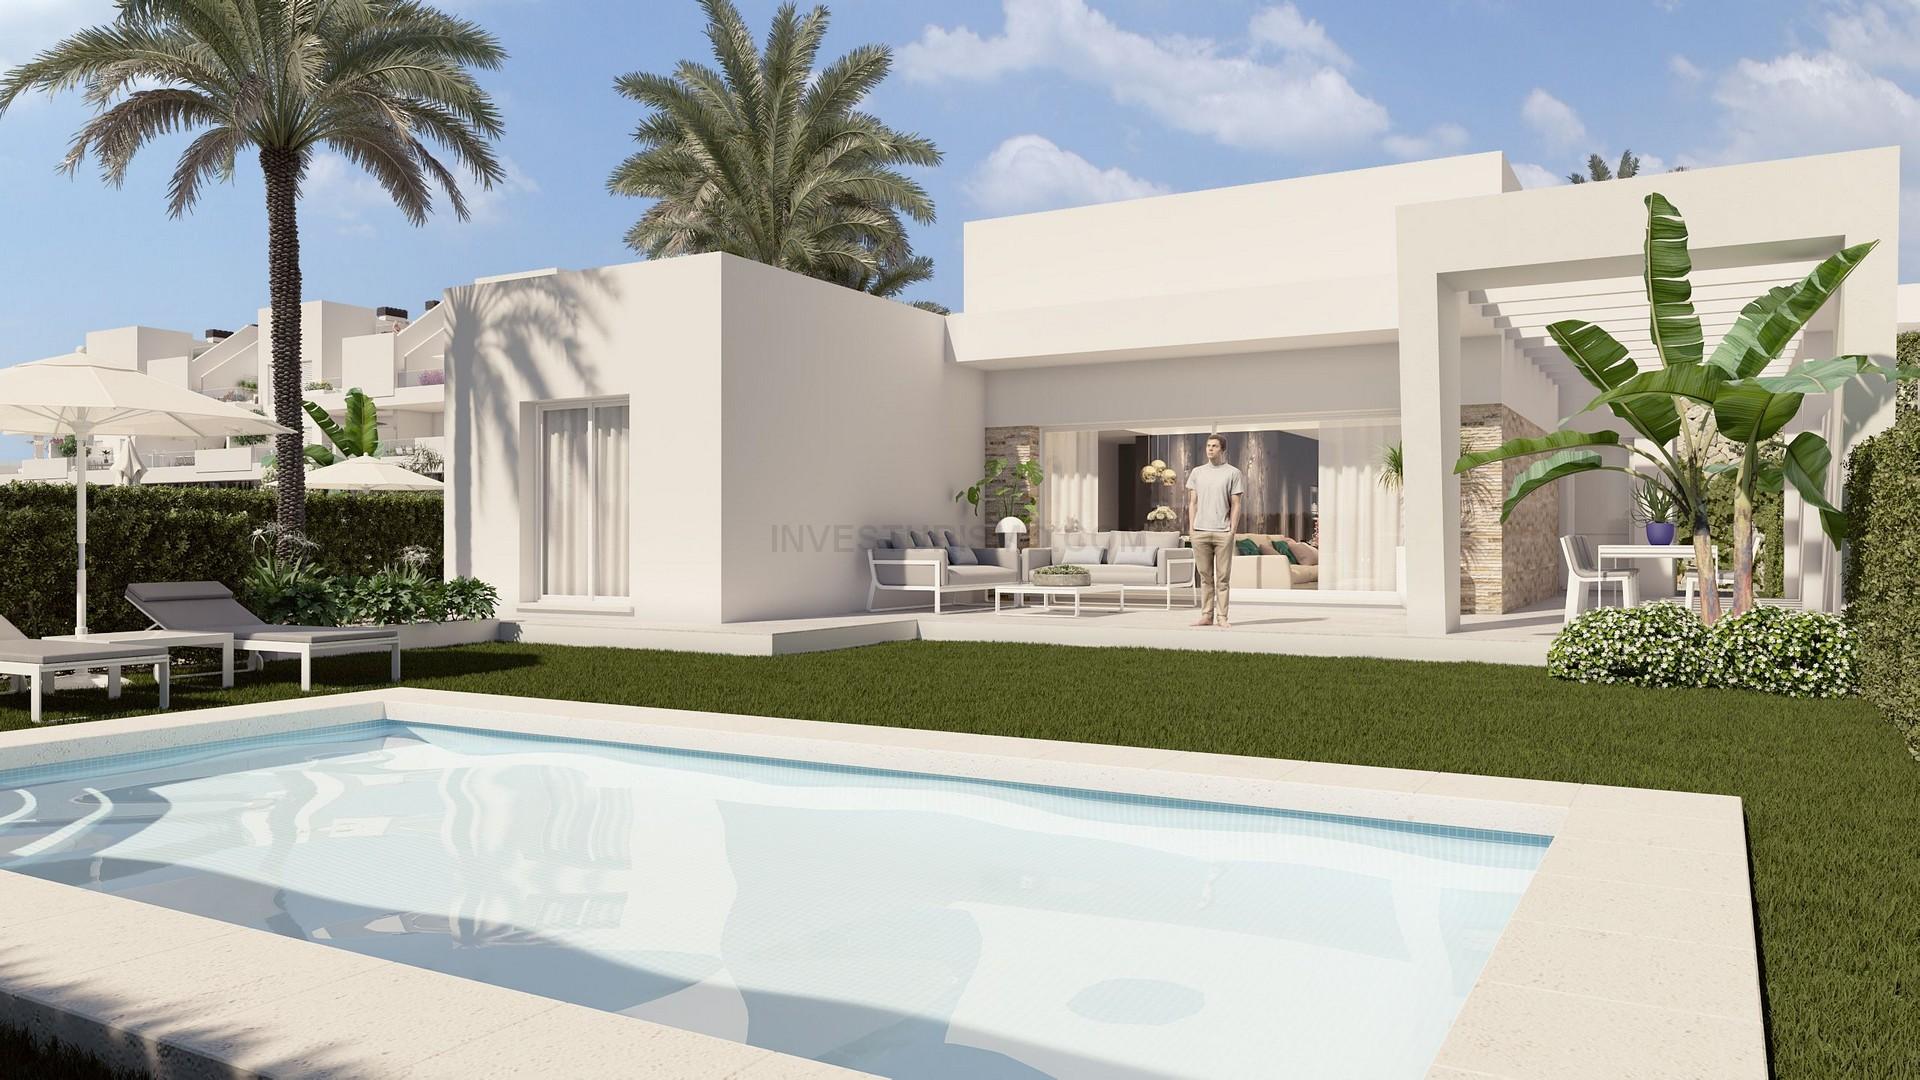 New build detached villas 3 bedrooms in Algorfa